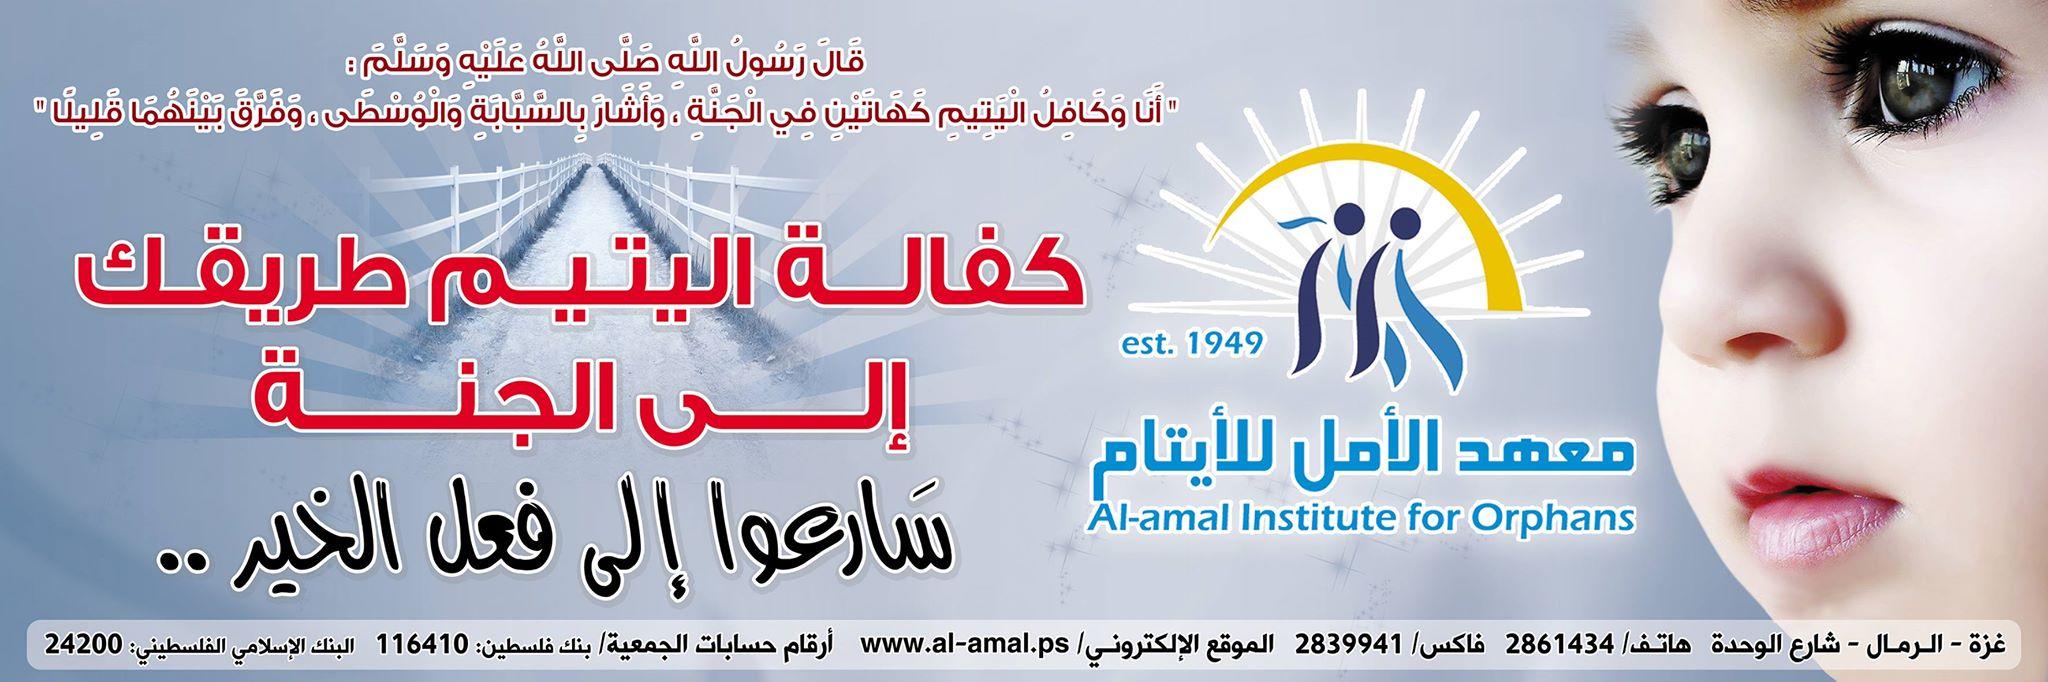 إعلان معهد الأمل للأيتام رمضان 1438 الموافق 2017